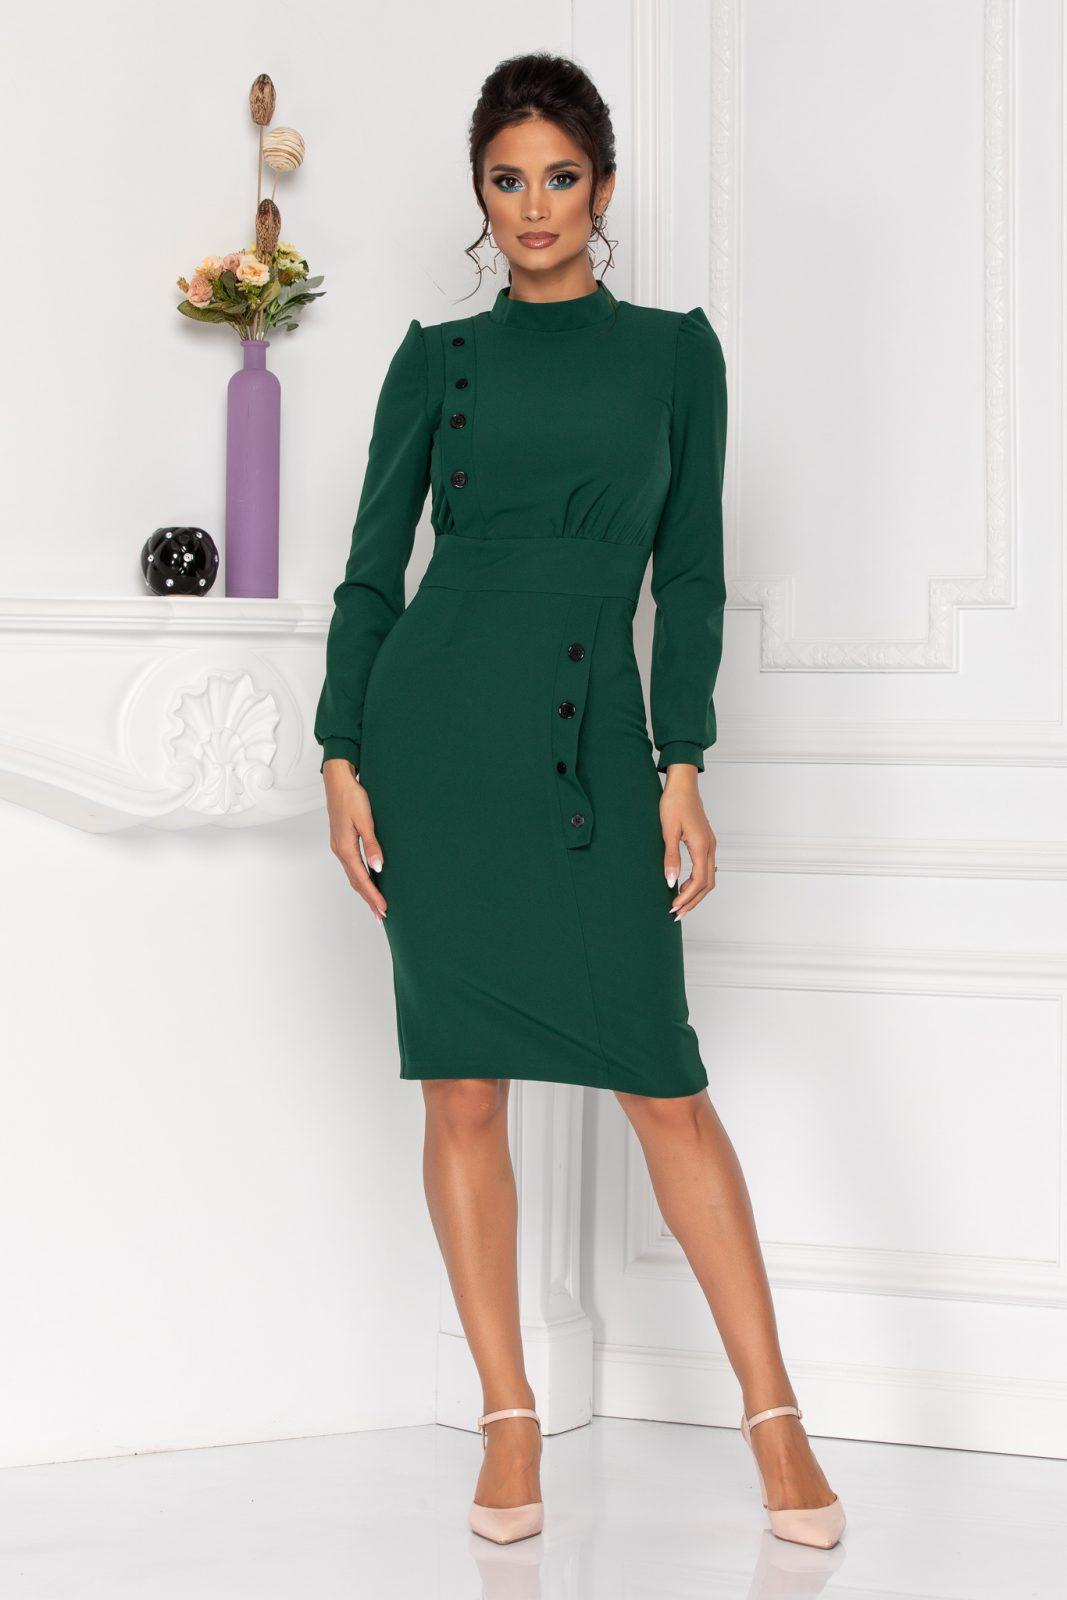 Πράσινο Φόρεμα Με Κουμπιά Moze Geneve 8421 2